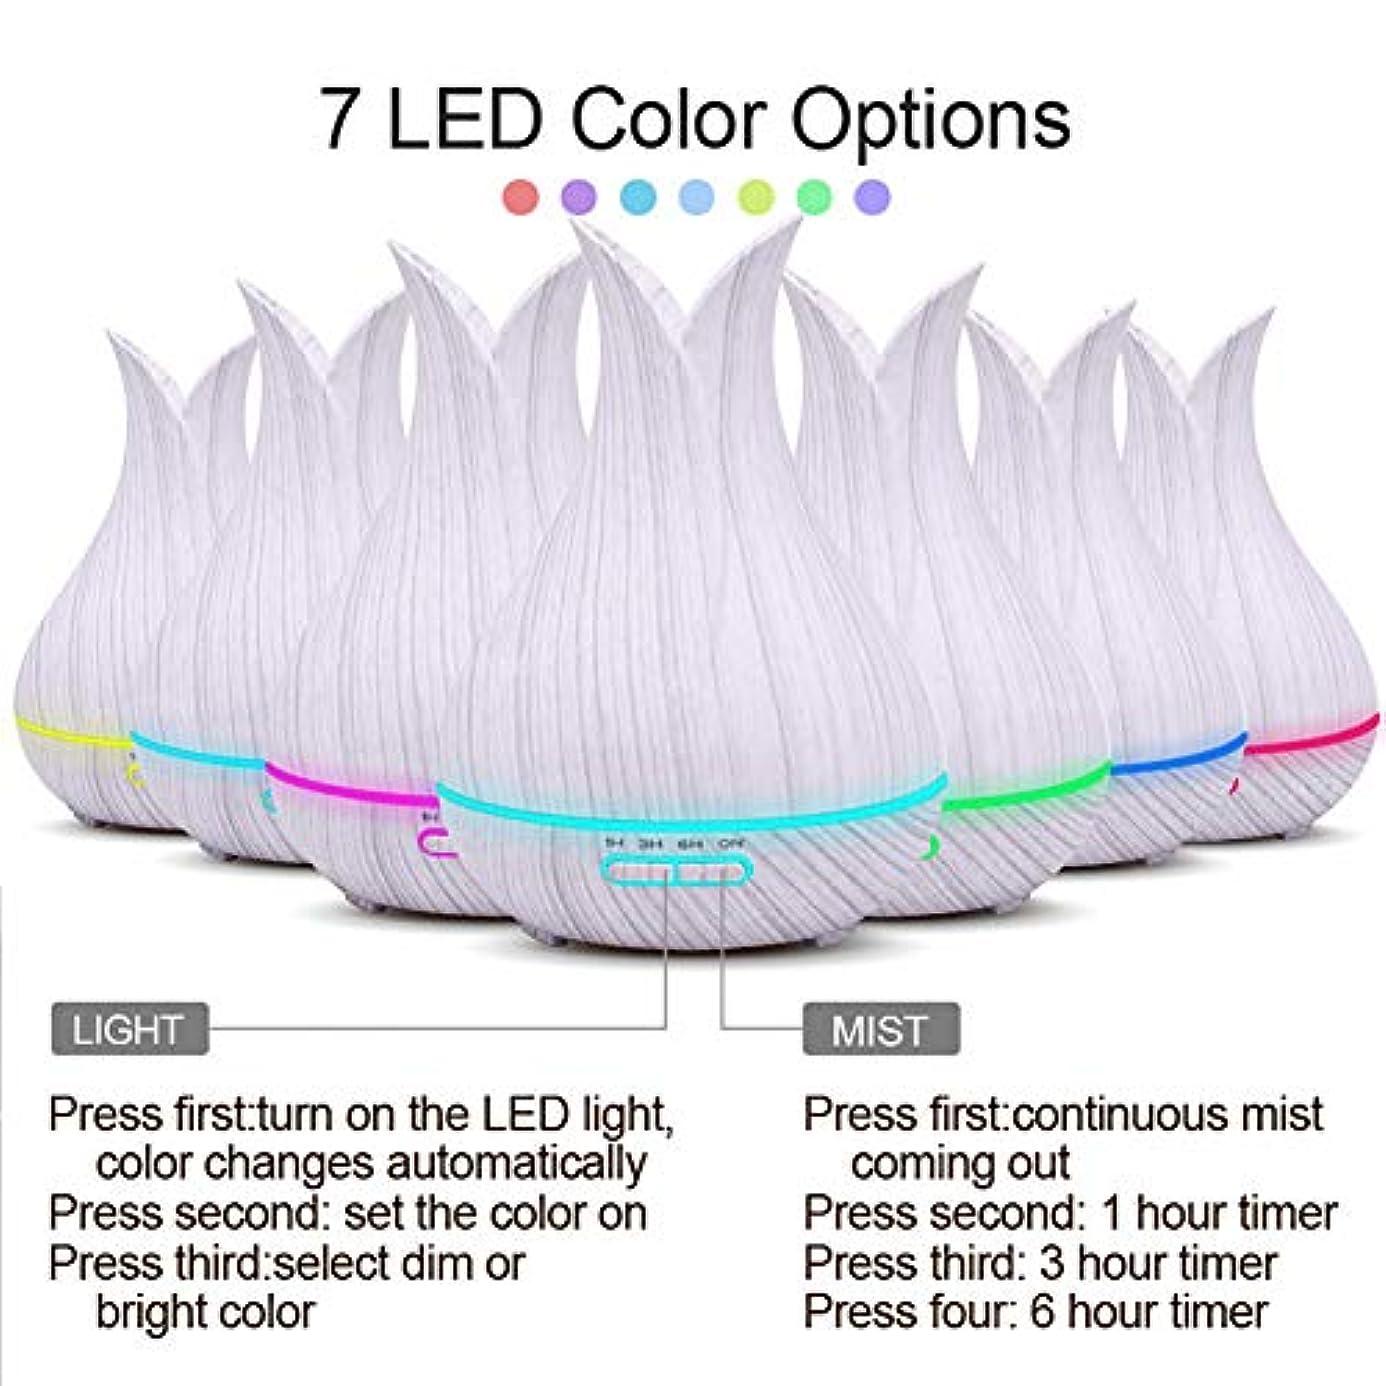 ゴールド虐待以内にエッセンシャルオイルディフューザーと加湿器、ミストエッセンシャルオイルアロマ加湿器のための超音波アロマセラピーディフューザー、400ミリリットル水タンク7色LEDライト,White